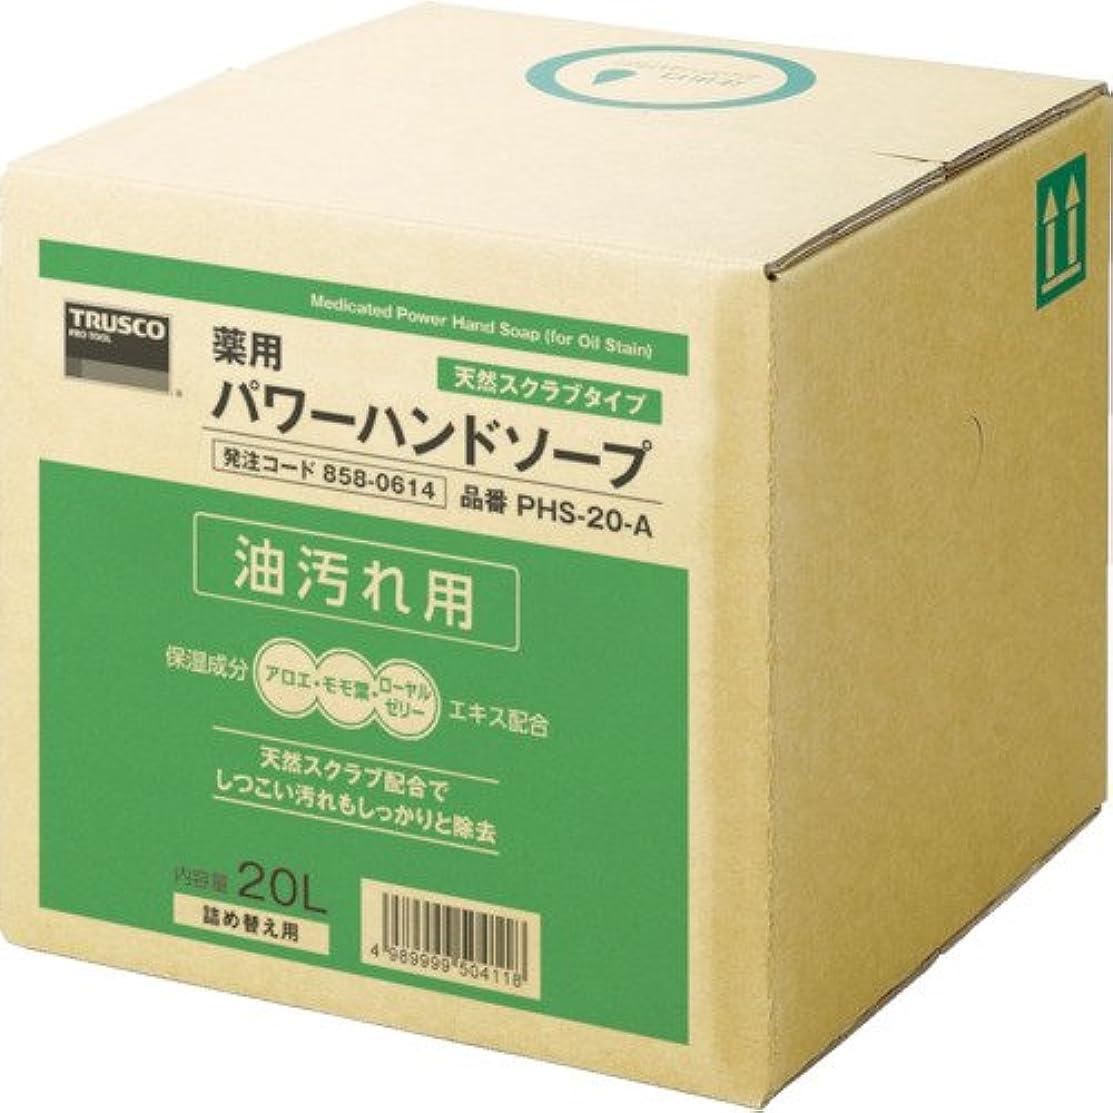 グリース統治する筋肉のトラスコ中山 株 TRUSCO 薬用パワーハンドソープ 20L PHS-20-A